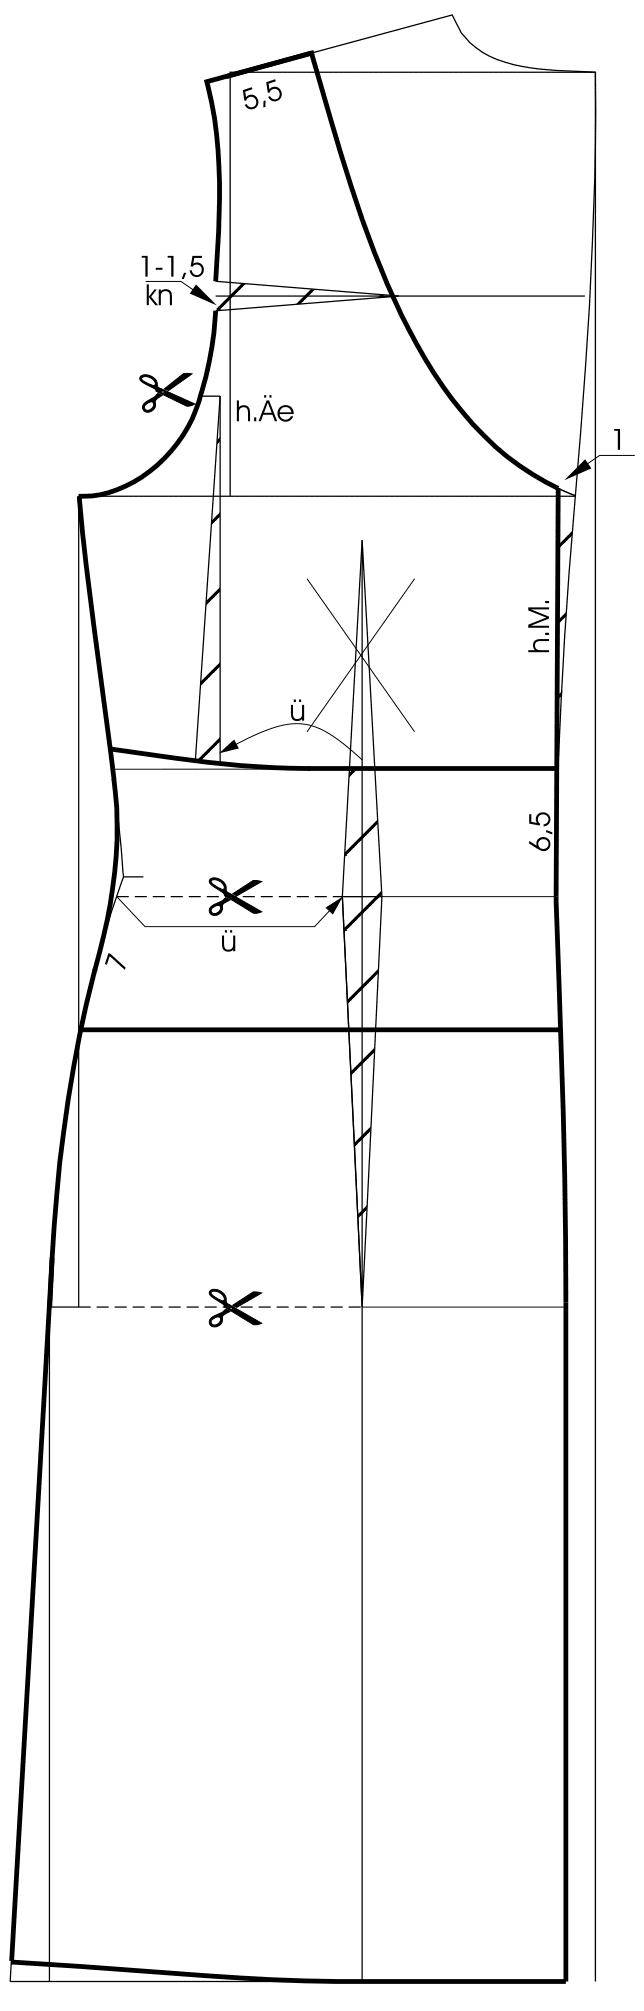 Die Zeichnung zeigt die Schnittkonstruktion eines Kleides mit Abnäherverlegung.